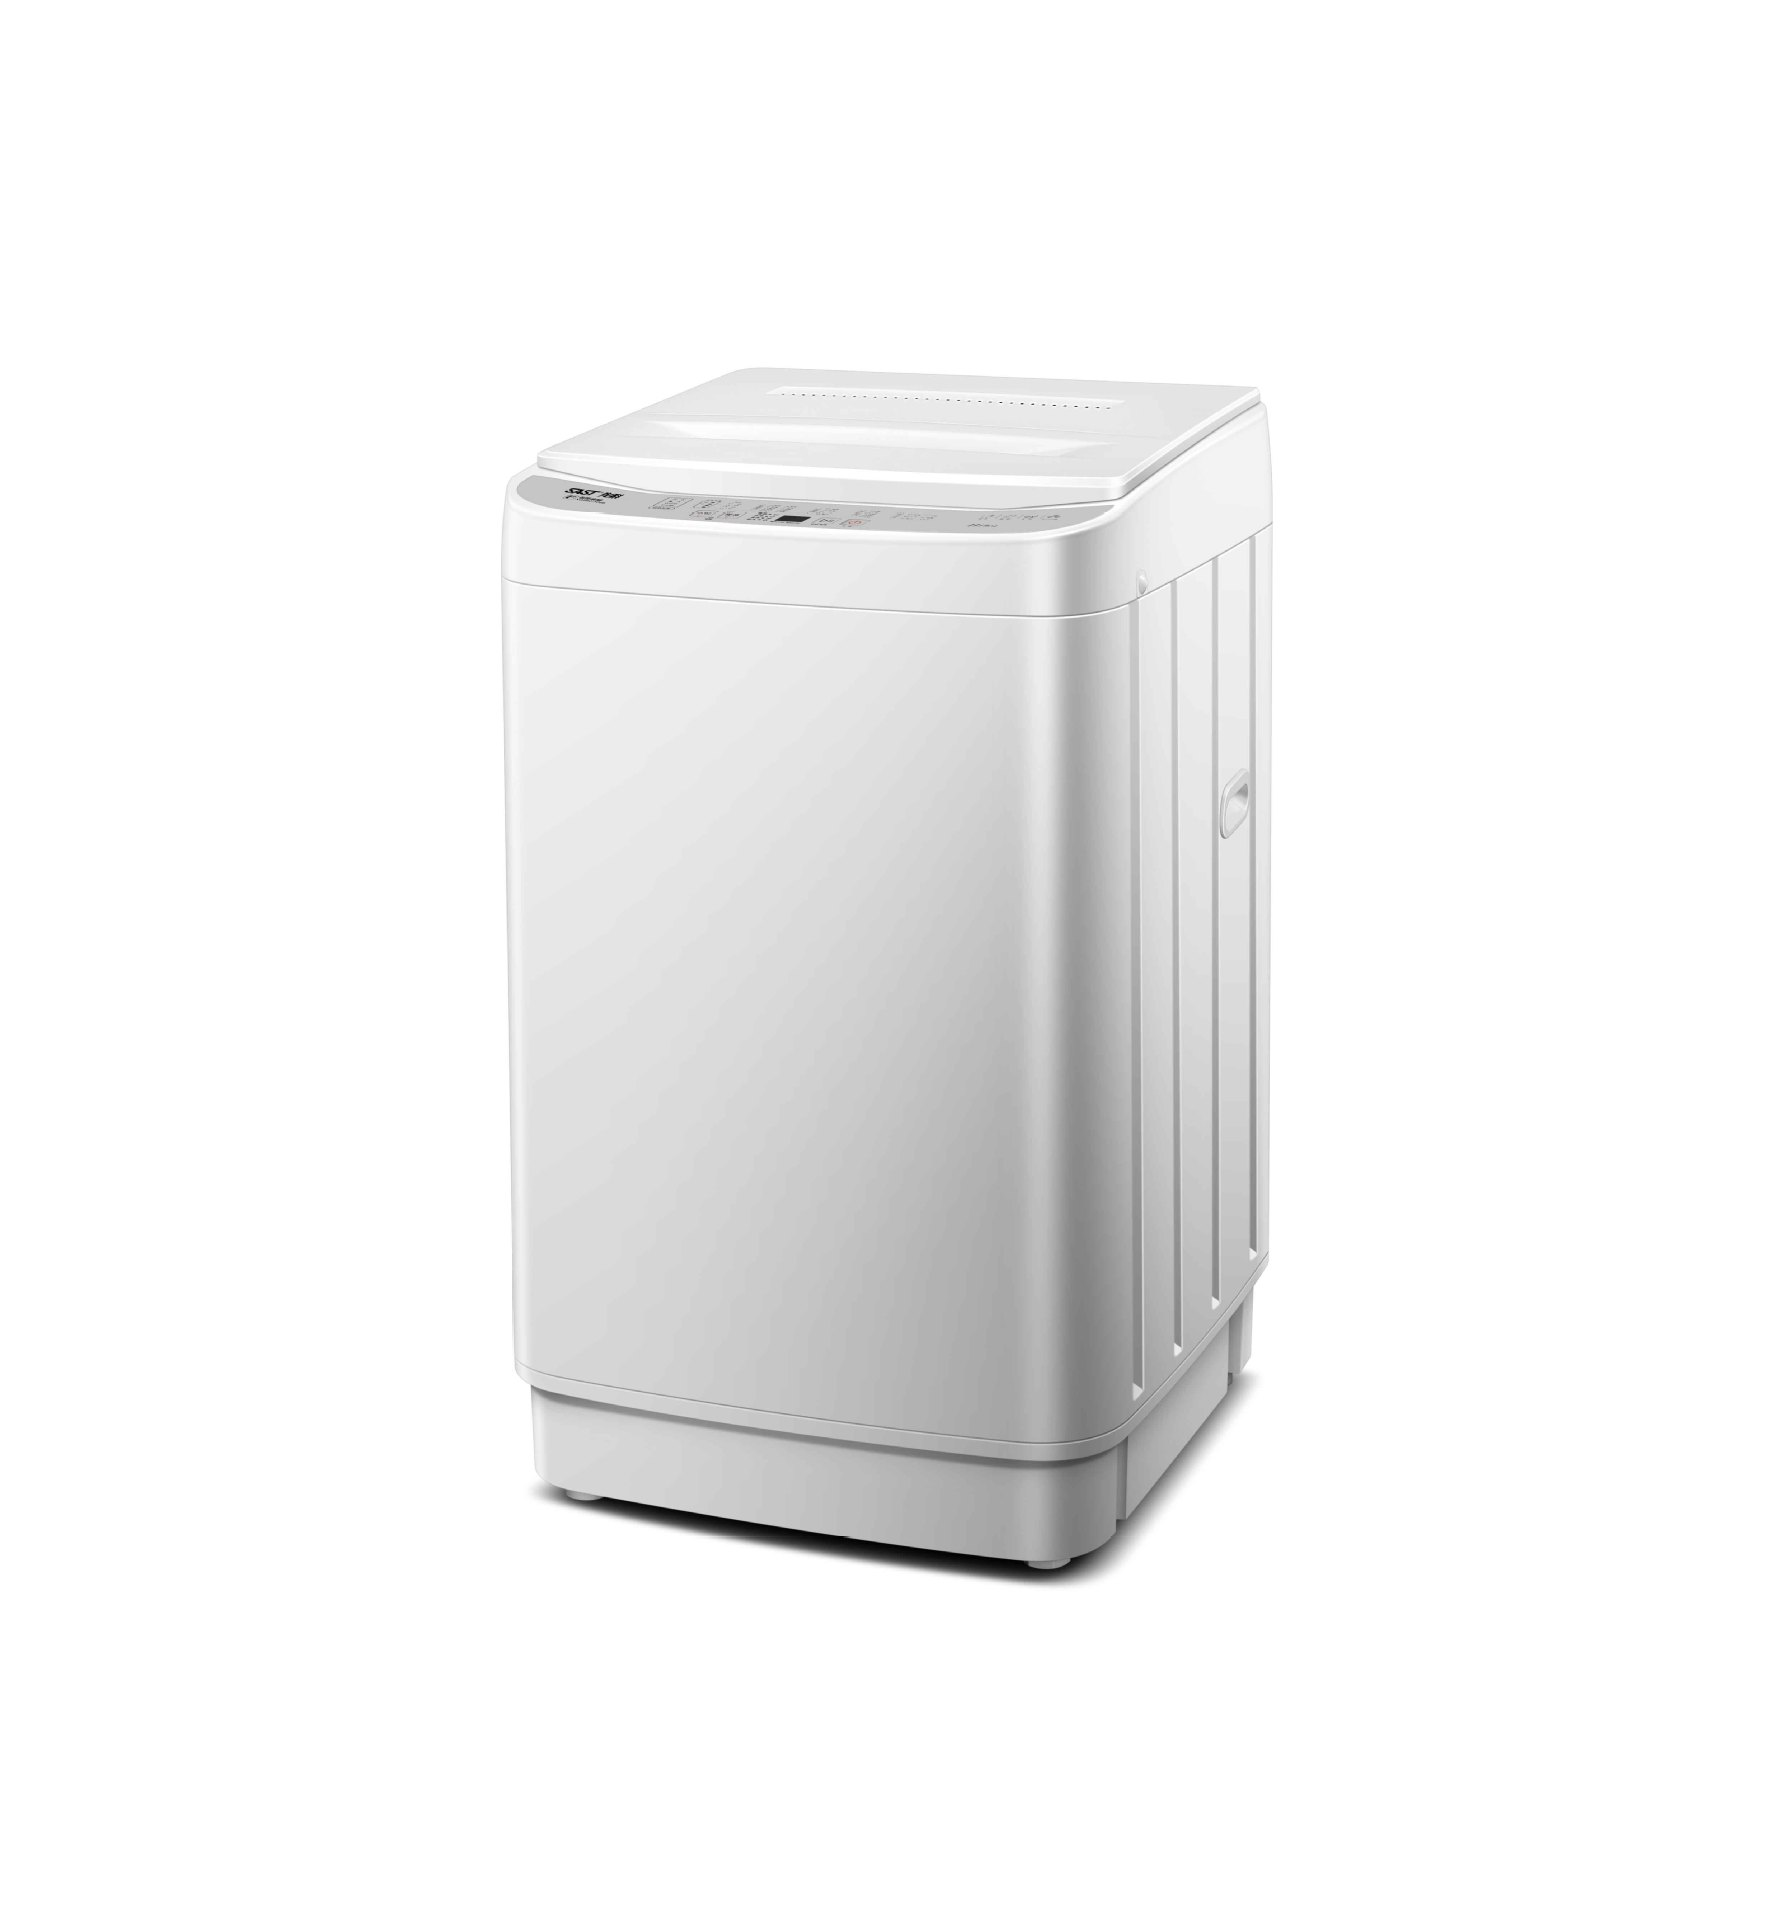 SAST Máy giặt Rửa giải SAST / Scitec XQB75-A6 7,5 kg một máy giặt tự động ký túc xá hộ gia đình